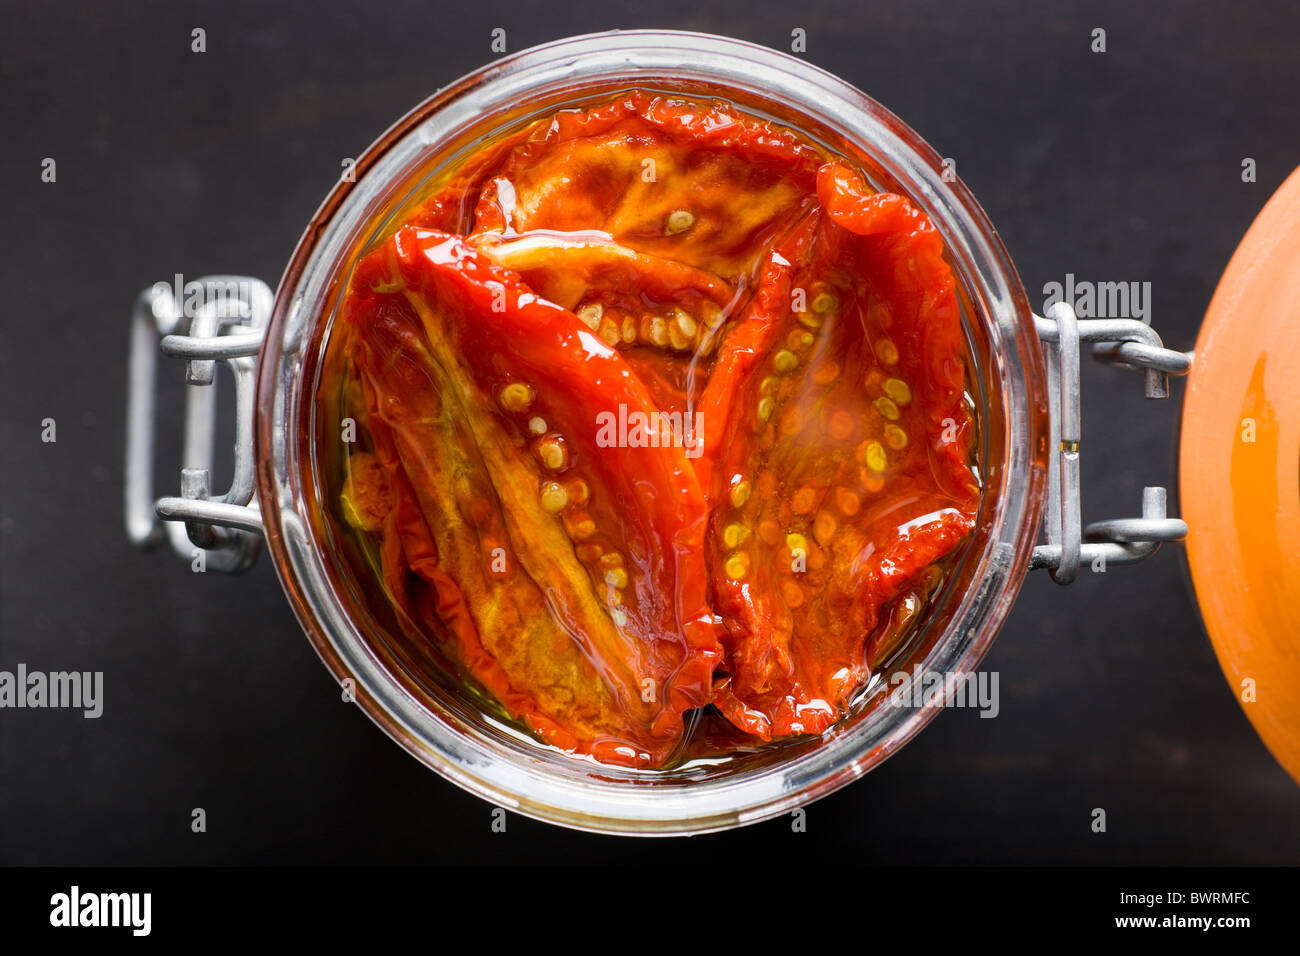 Un tarro de vidrio lleno de Sun-Dried tomates y aceite de oliva sobre un fondo negro. Imagen De Stock